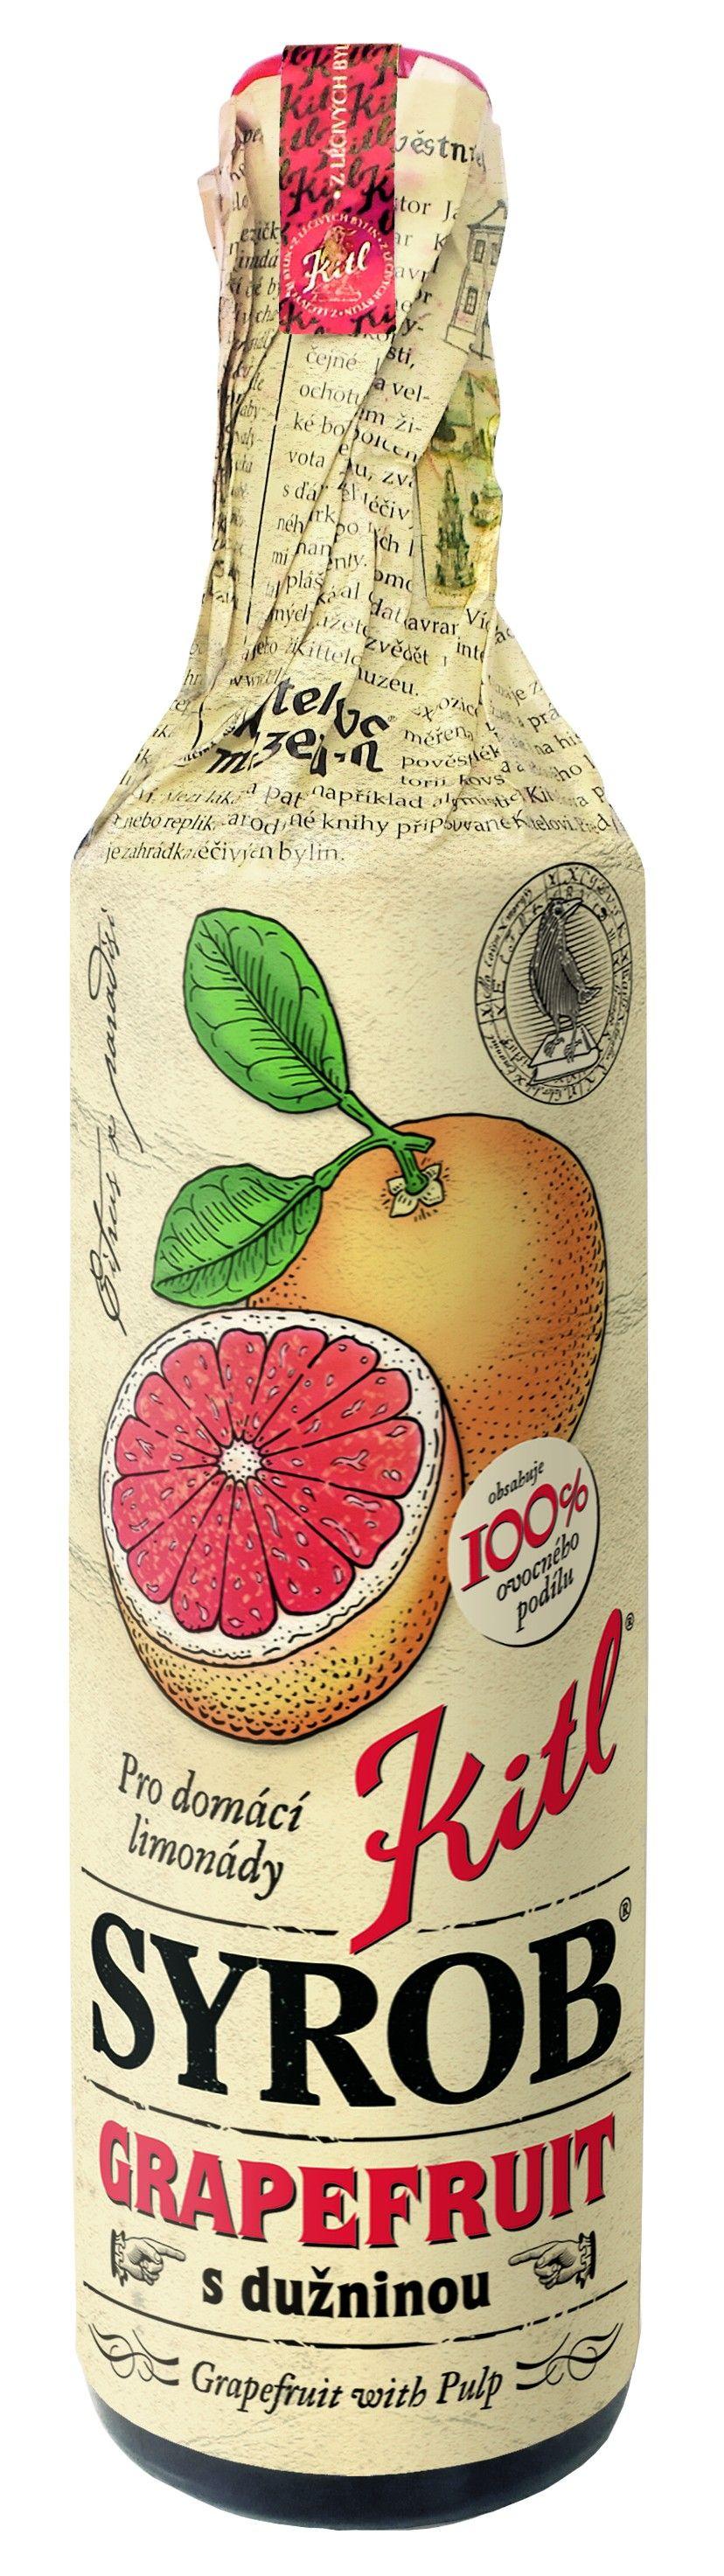 Kitl Syrob Grapefruit s dužninou 500 ml